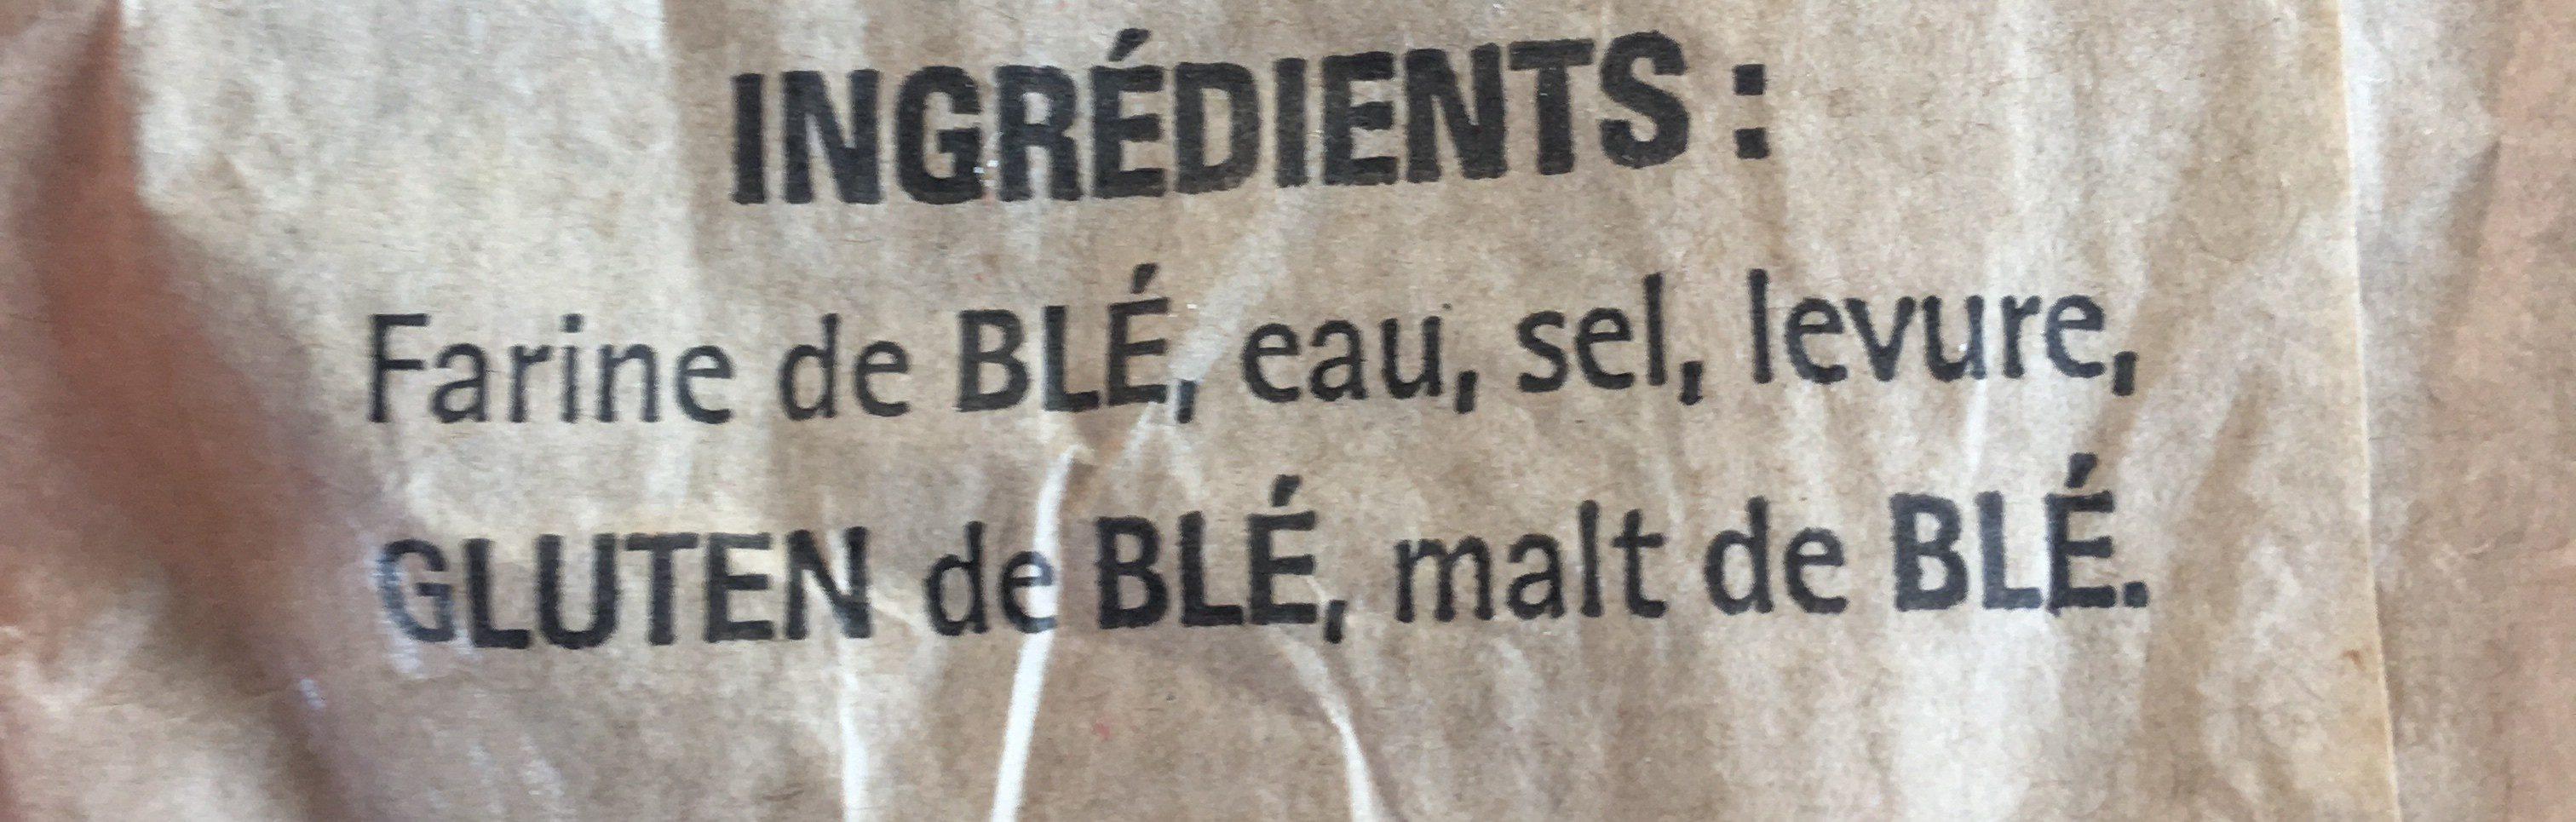 Baguette de tradition Française - Ingredienti - fr